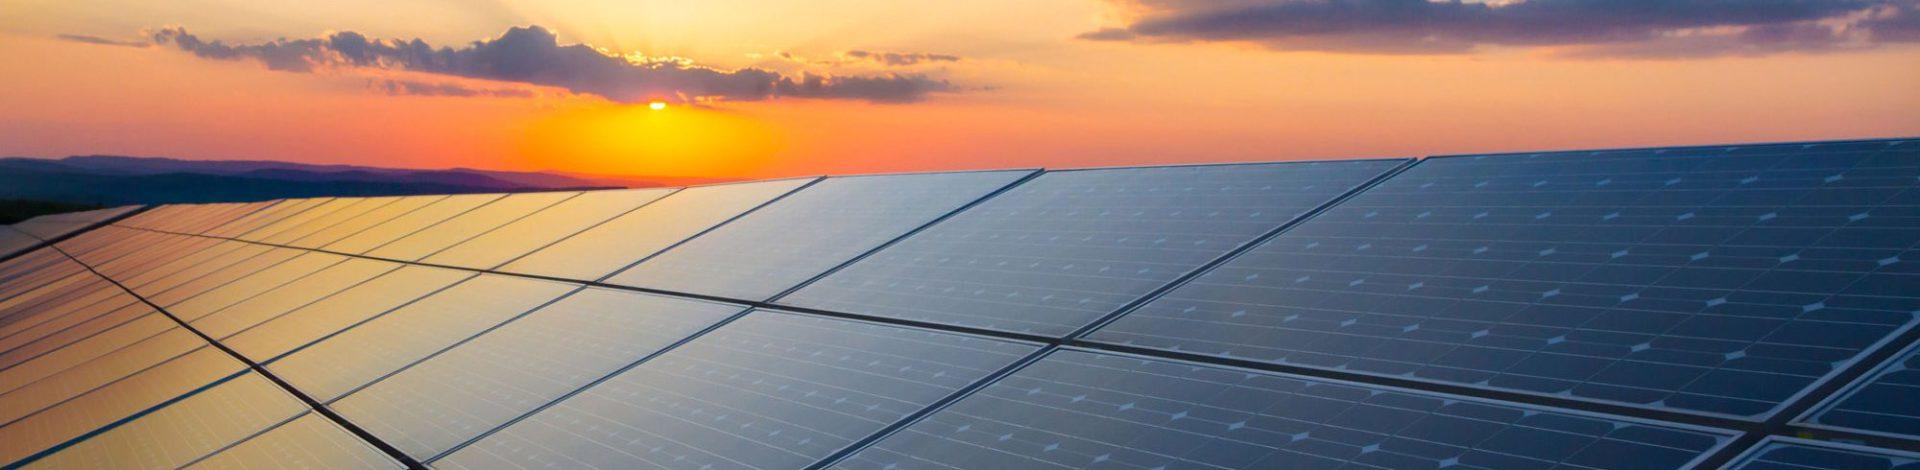 Mener à bien les missions d'un projet photovoltaïque